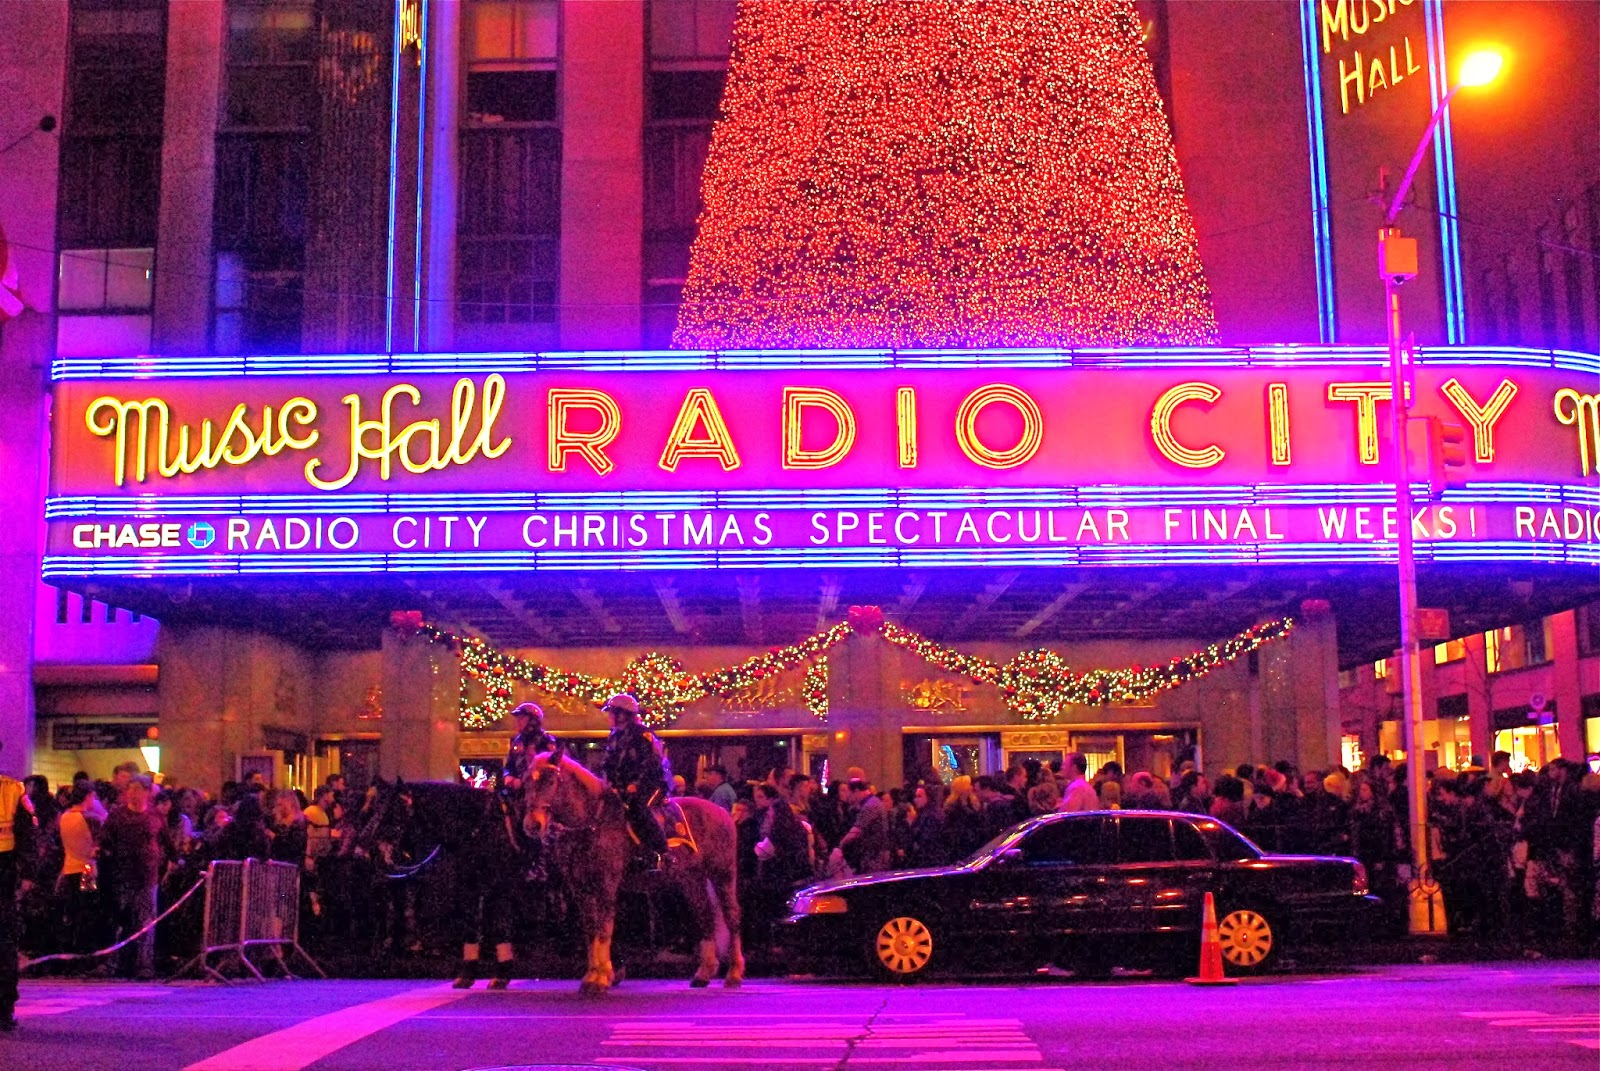 NYC ♥ NYC: Radio City Music Hall Christmas